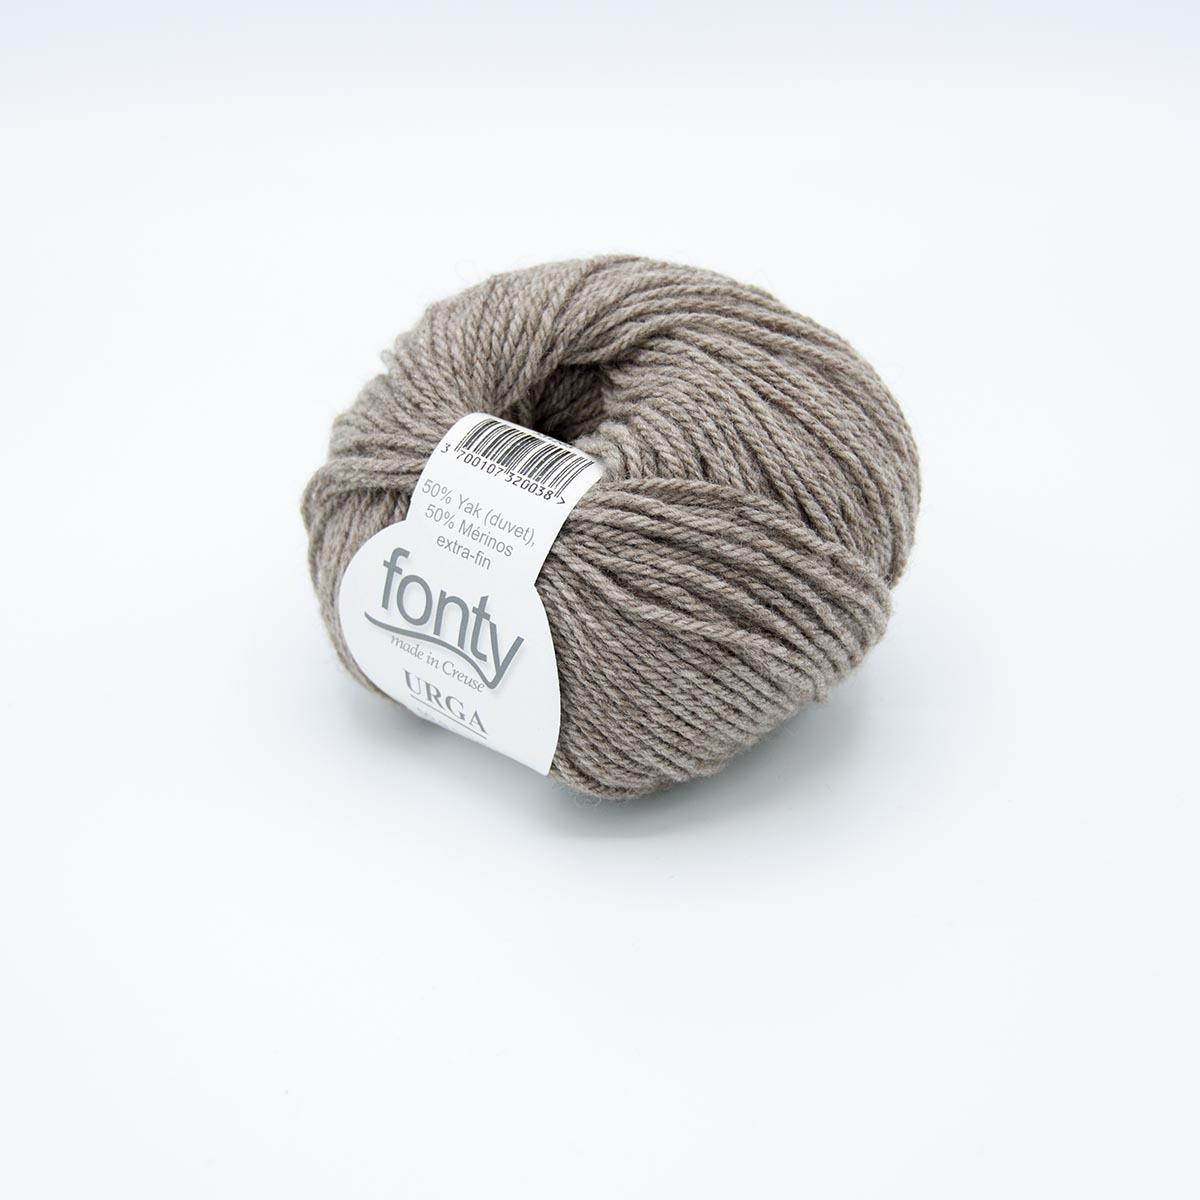 Fonty Urga - 02